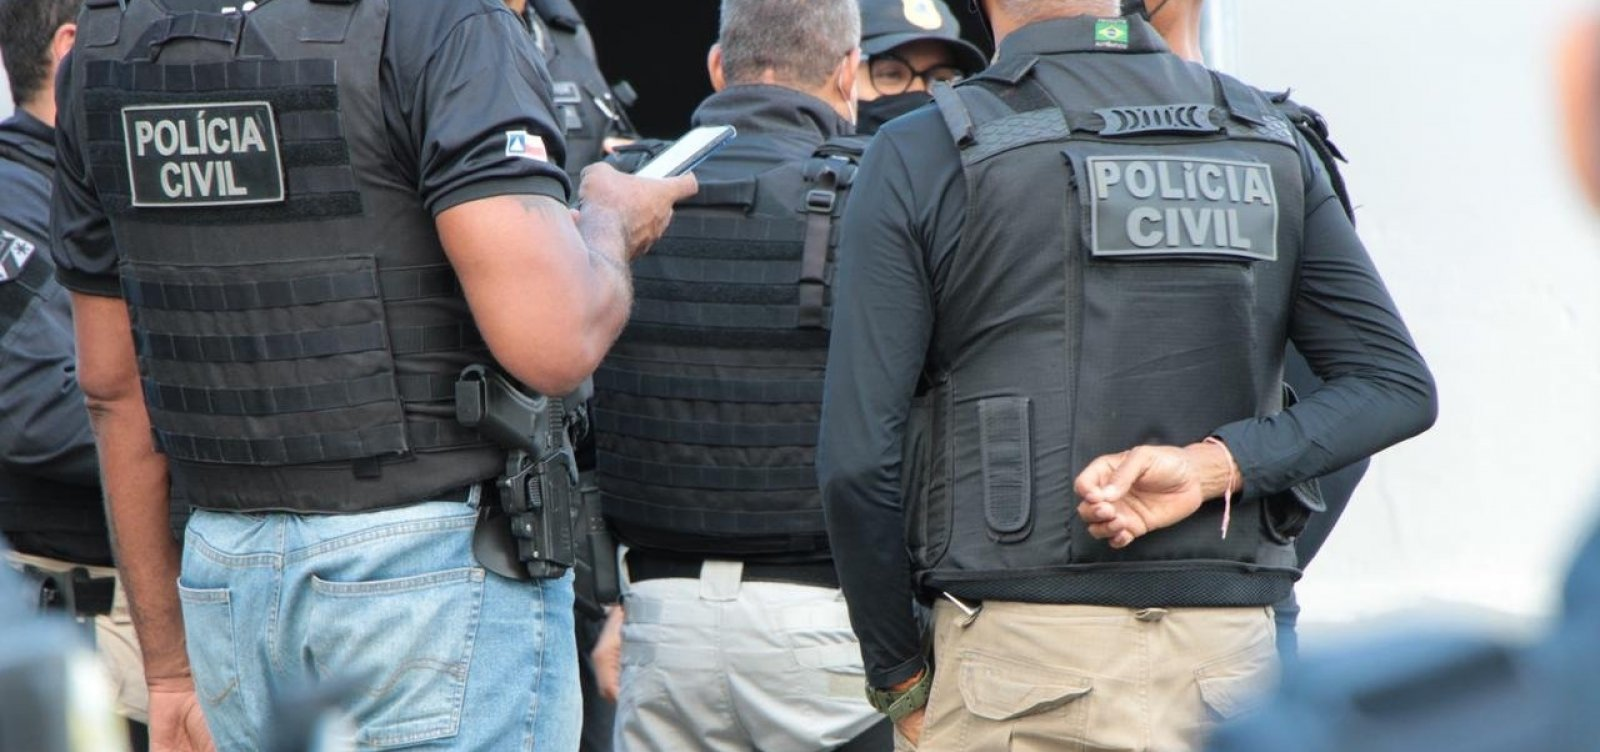 Suspeito de latrocínio na Bahia é localizado em SP após postar foto com fuzil